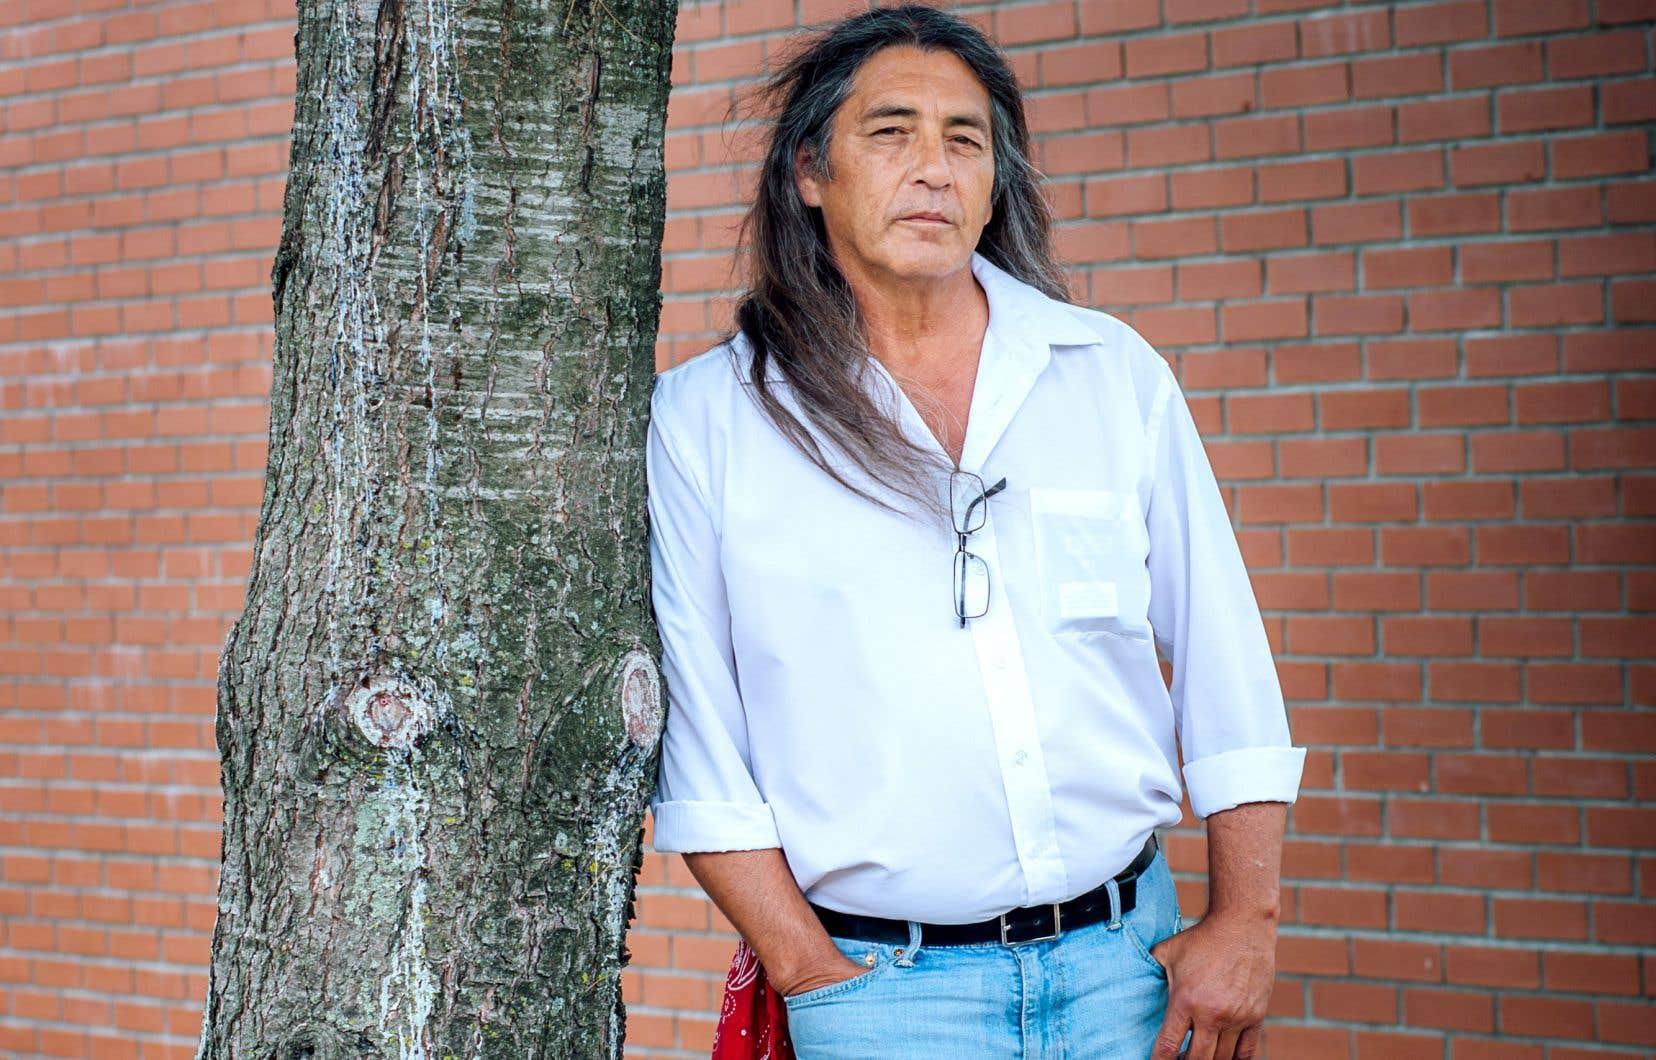 Le chef Simon souligne que les Autochtones sont très bien placés pour comprendre la fragilité du français, eux dont la langue et la culture sont en voie de disparition dans certains cas.